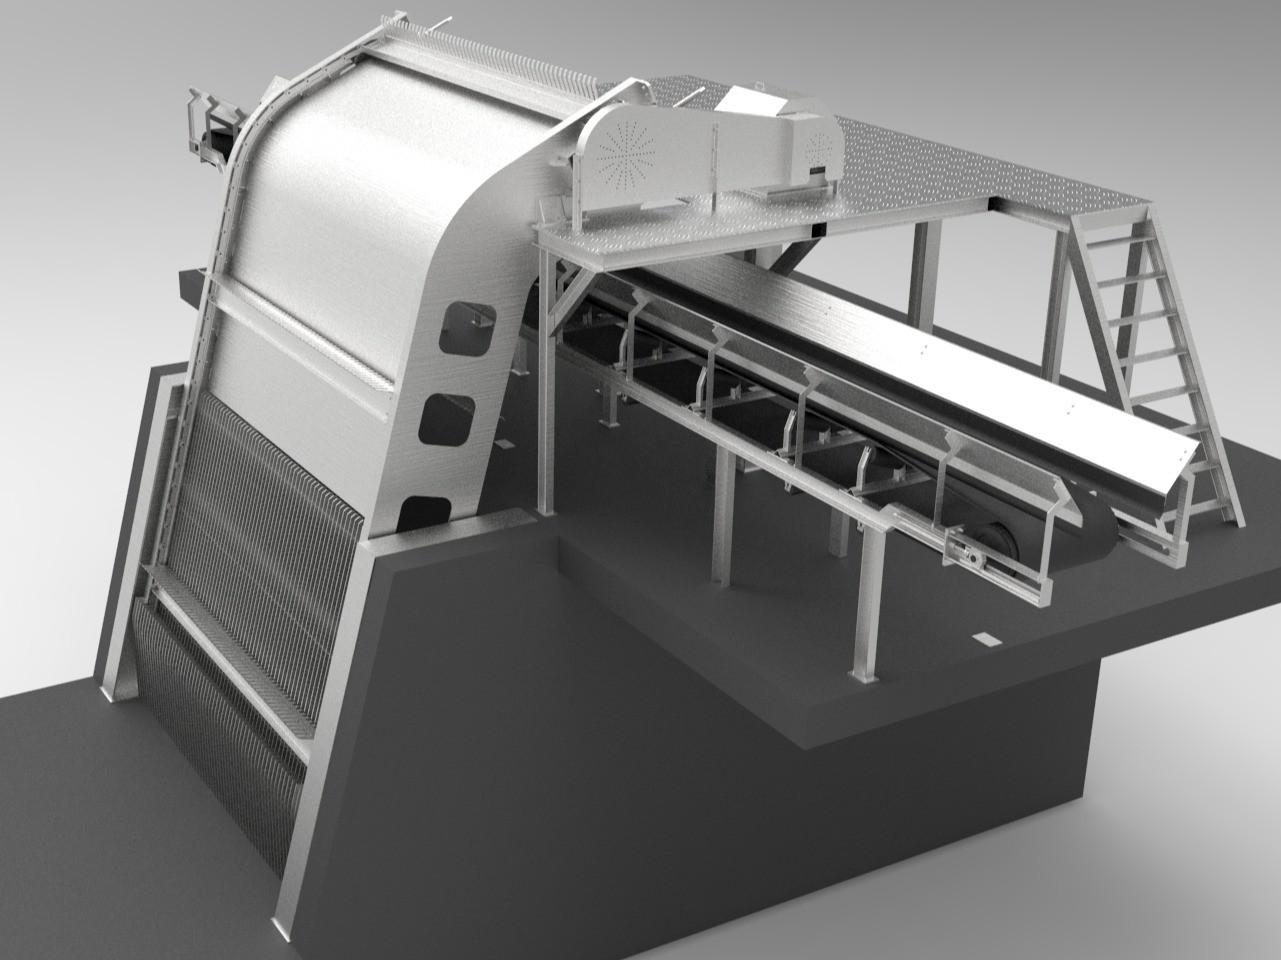 2D 도면 CAD 3D 모델링 어셈블리 작업해 드립니다.